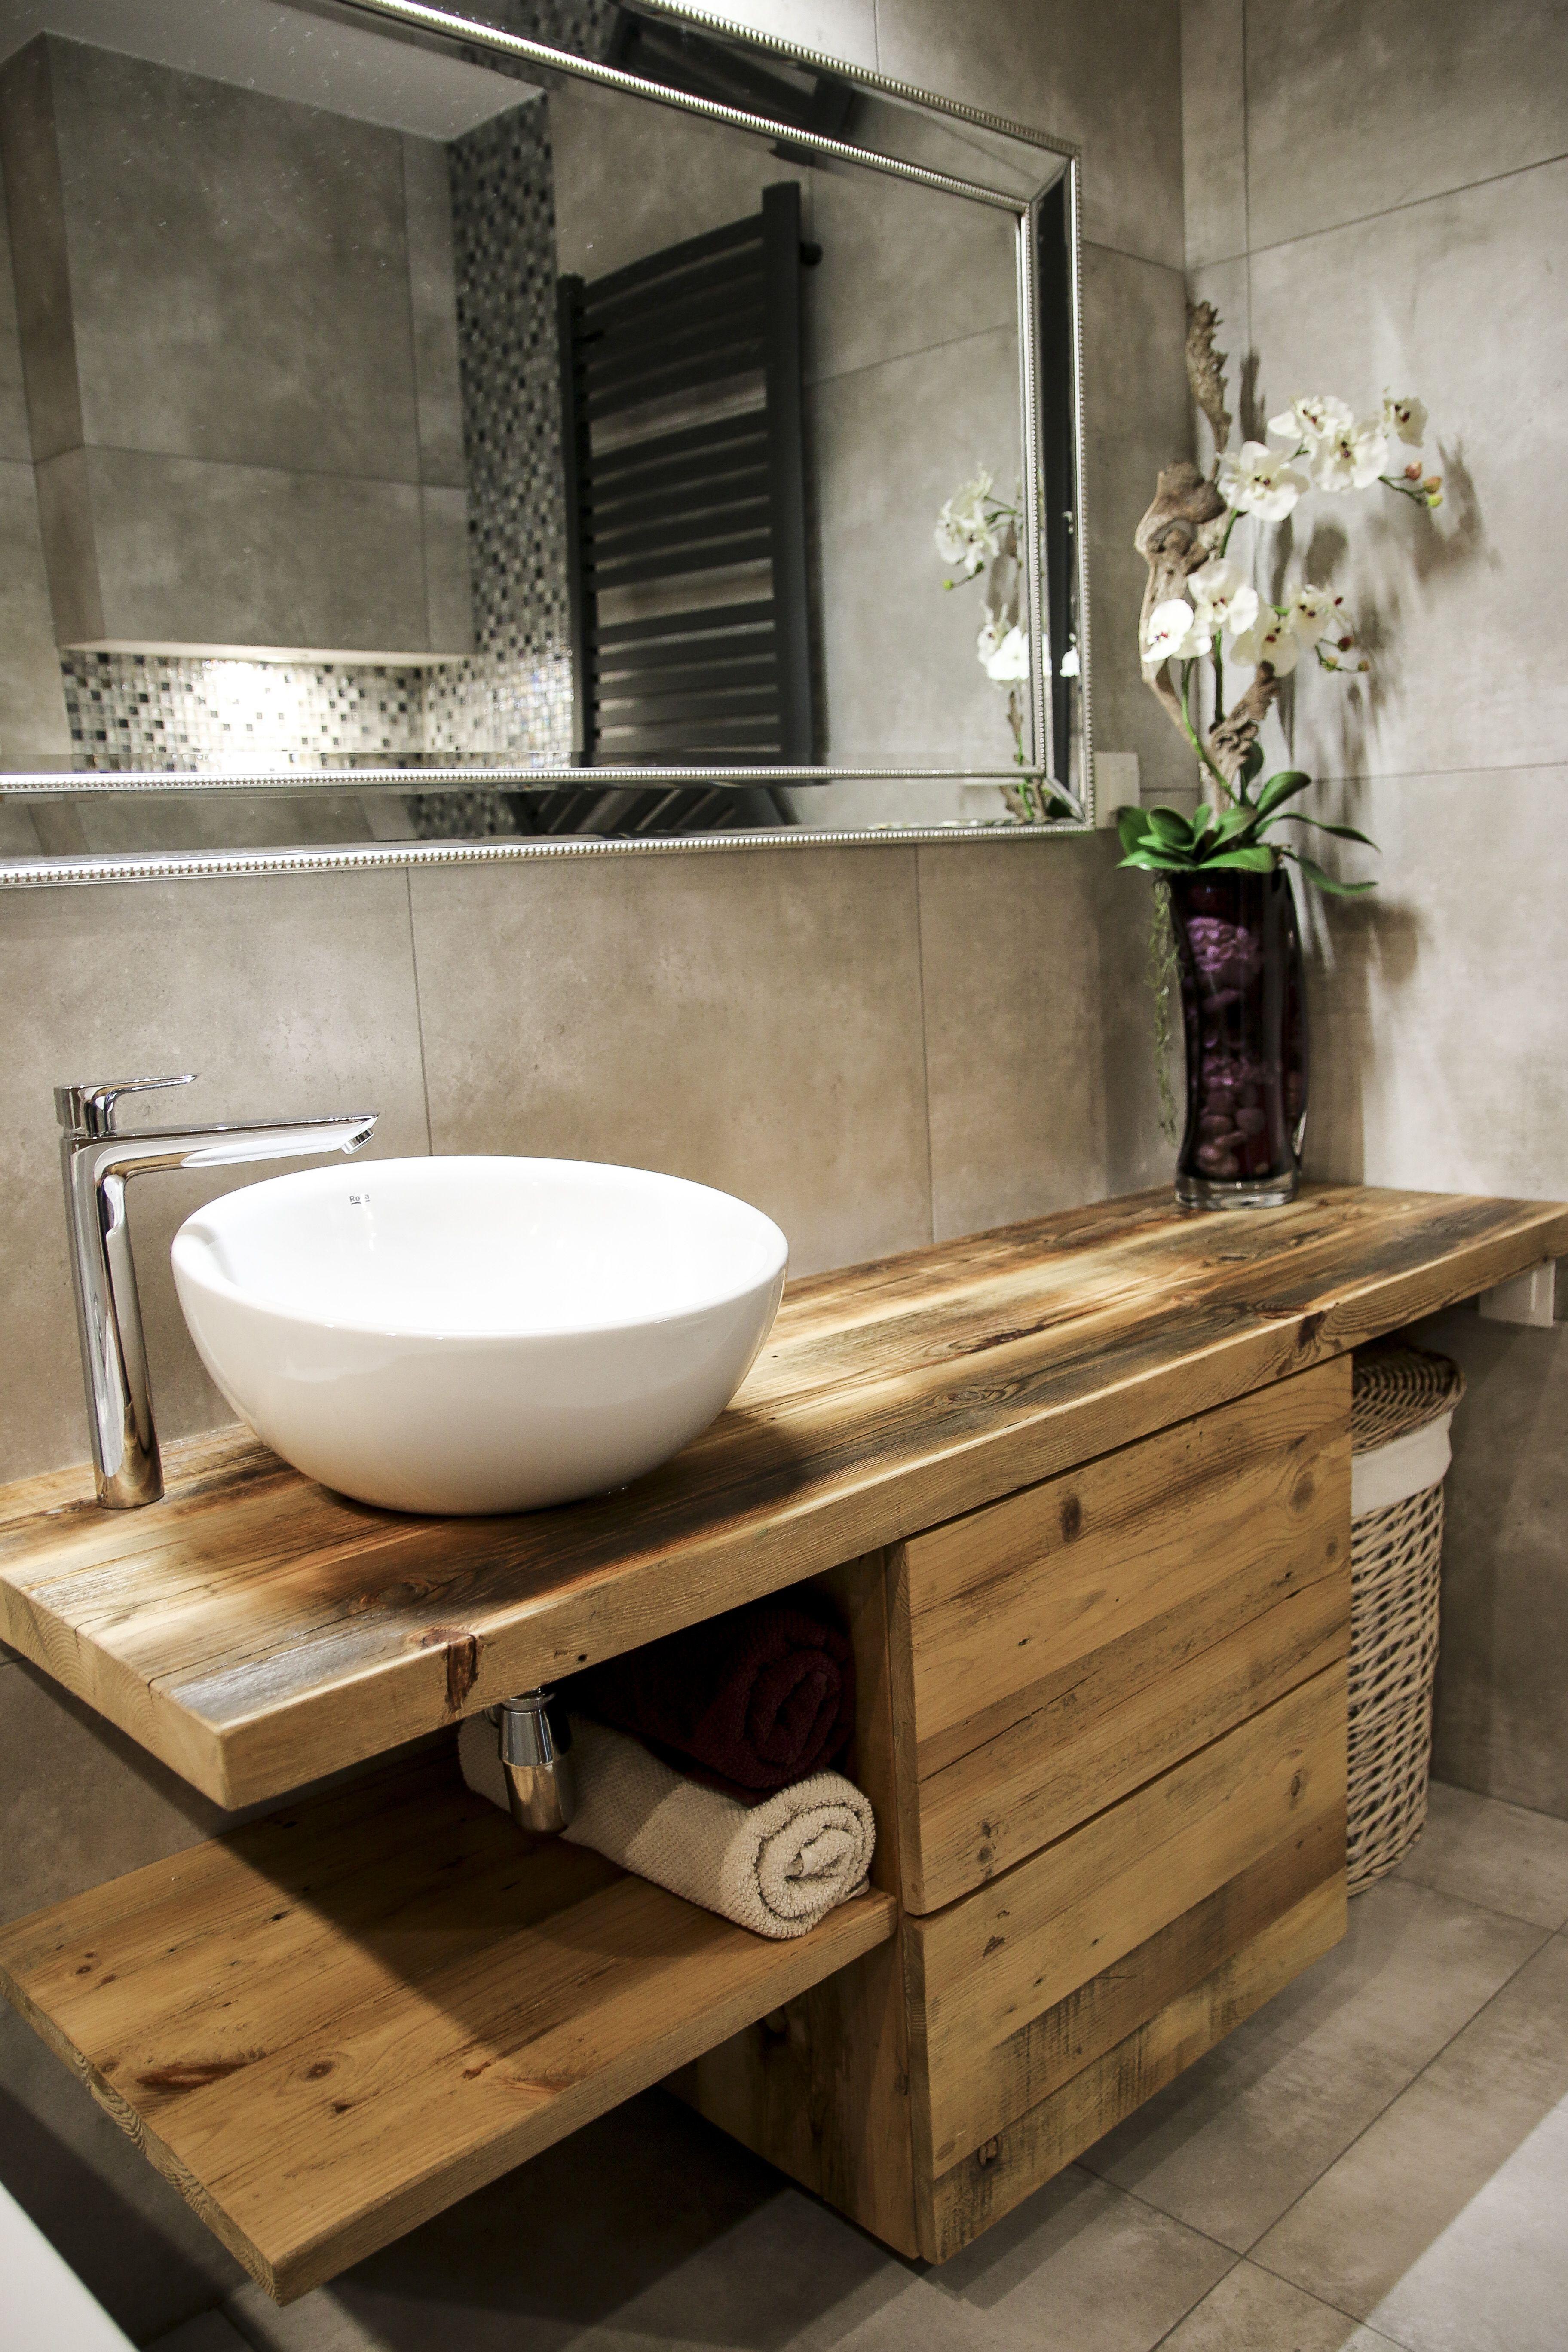 Waschschrank Aus Altholz Okologisch Modern Und Stilvoll Grosse Bader Bad Inspiration Badezimmer Dekor